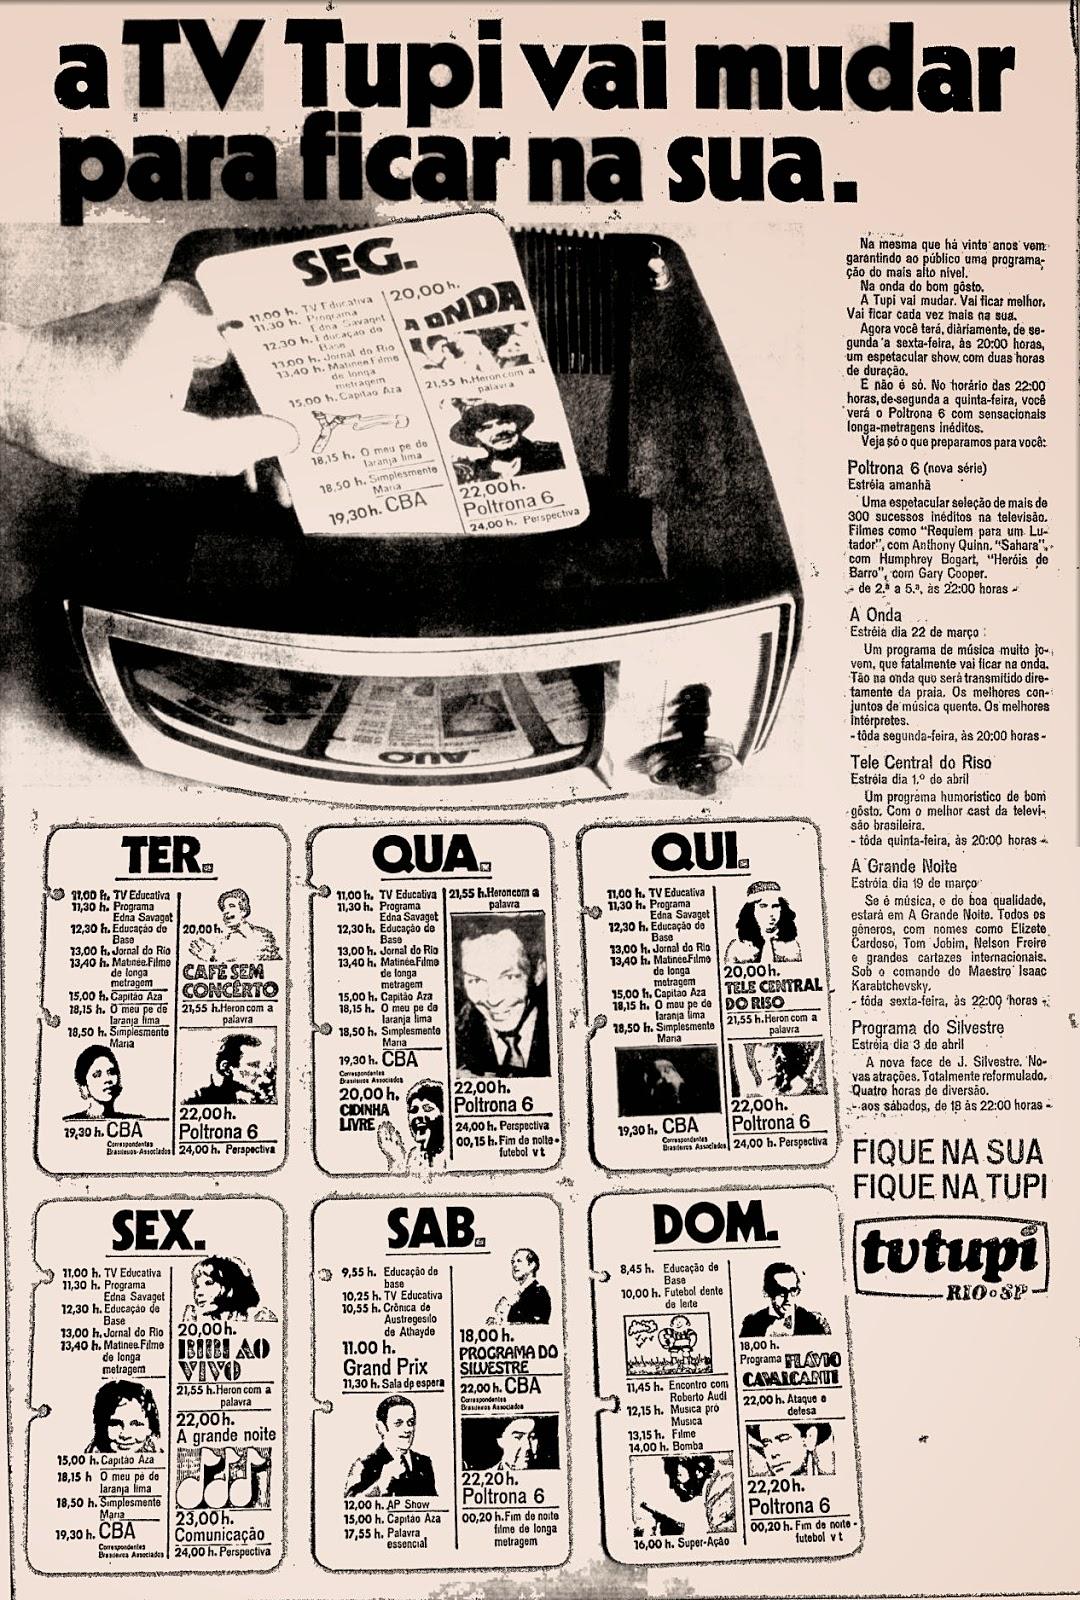 Propaganda antiga da TV Tupi apresentando sua programação em 1971